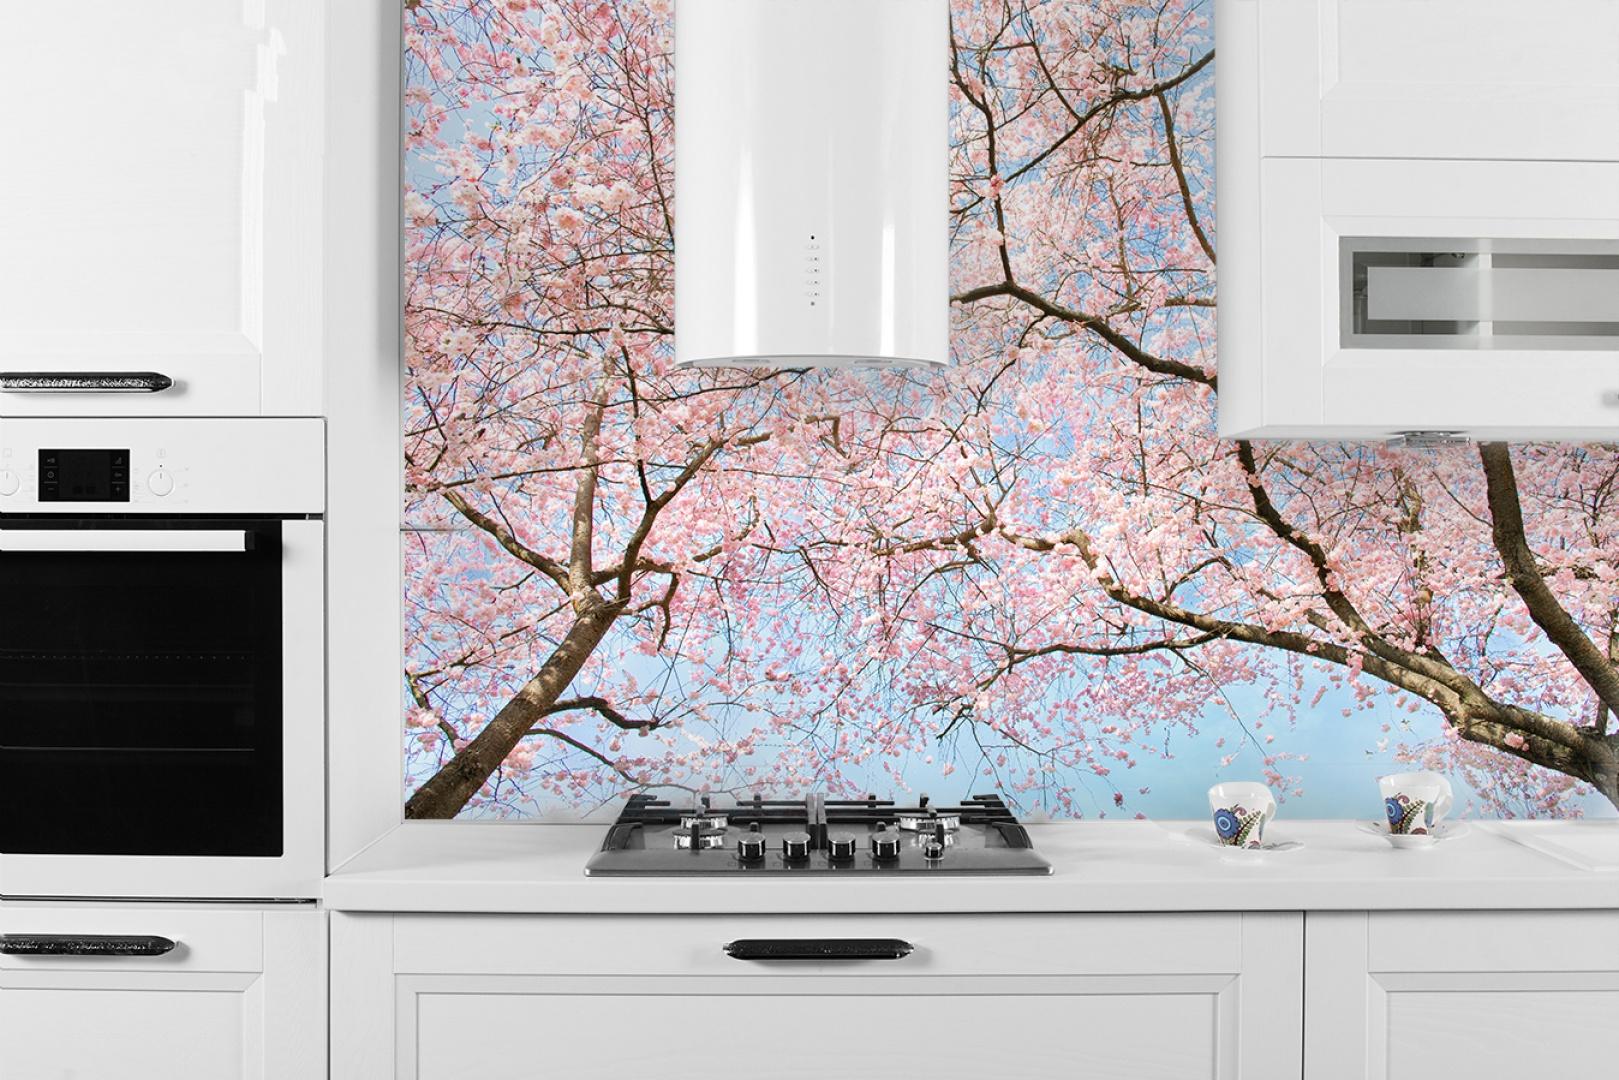 Kwitnące drzewa wiśni na tle błękitnego nieba to niezwykle urokliwy motyw dekoracyjny. Fot. Decomania